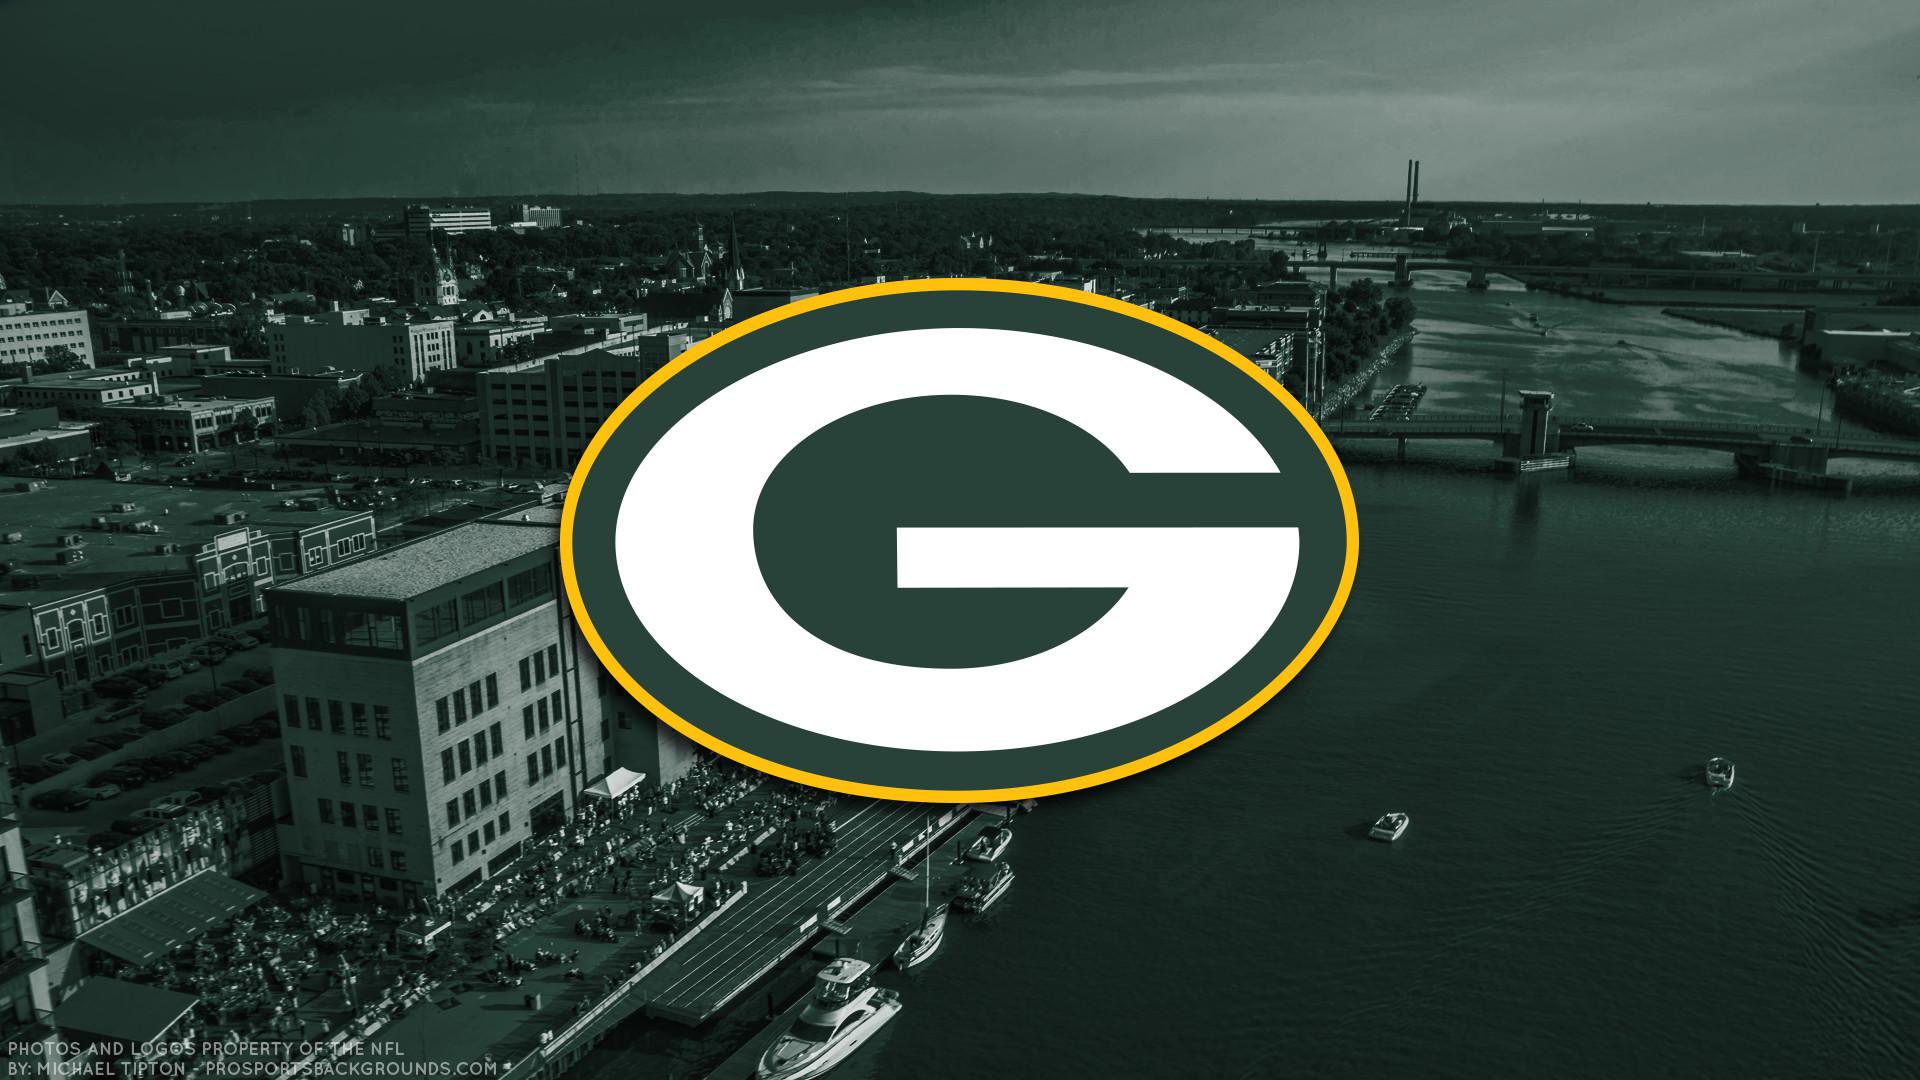 … Green Bay Packers 2017 football logo wallpaper pc desktop computer …